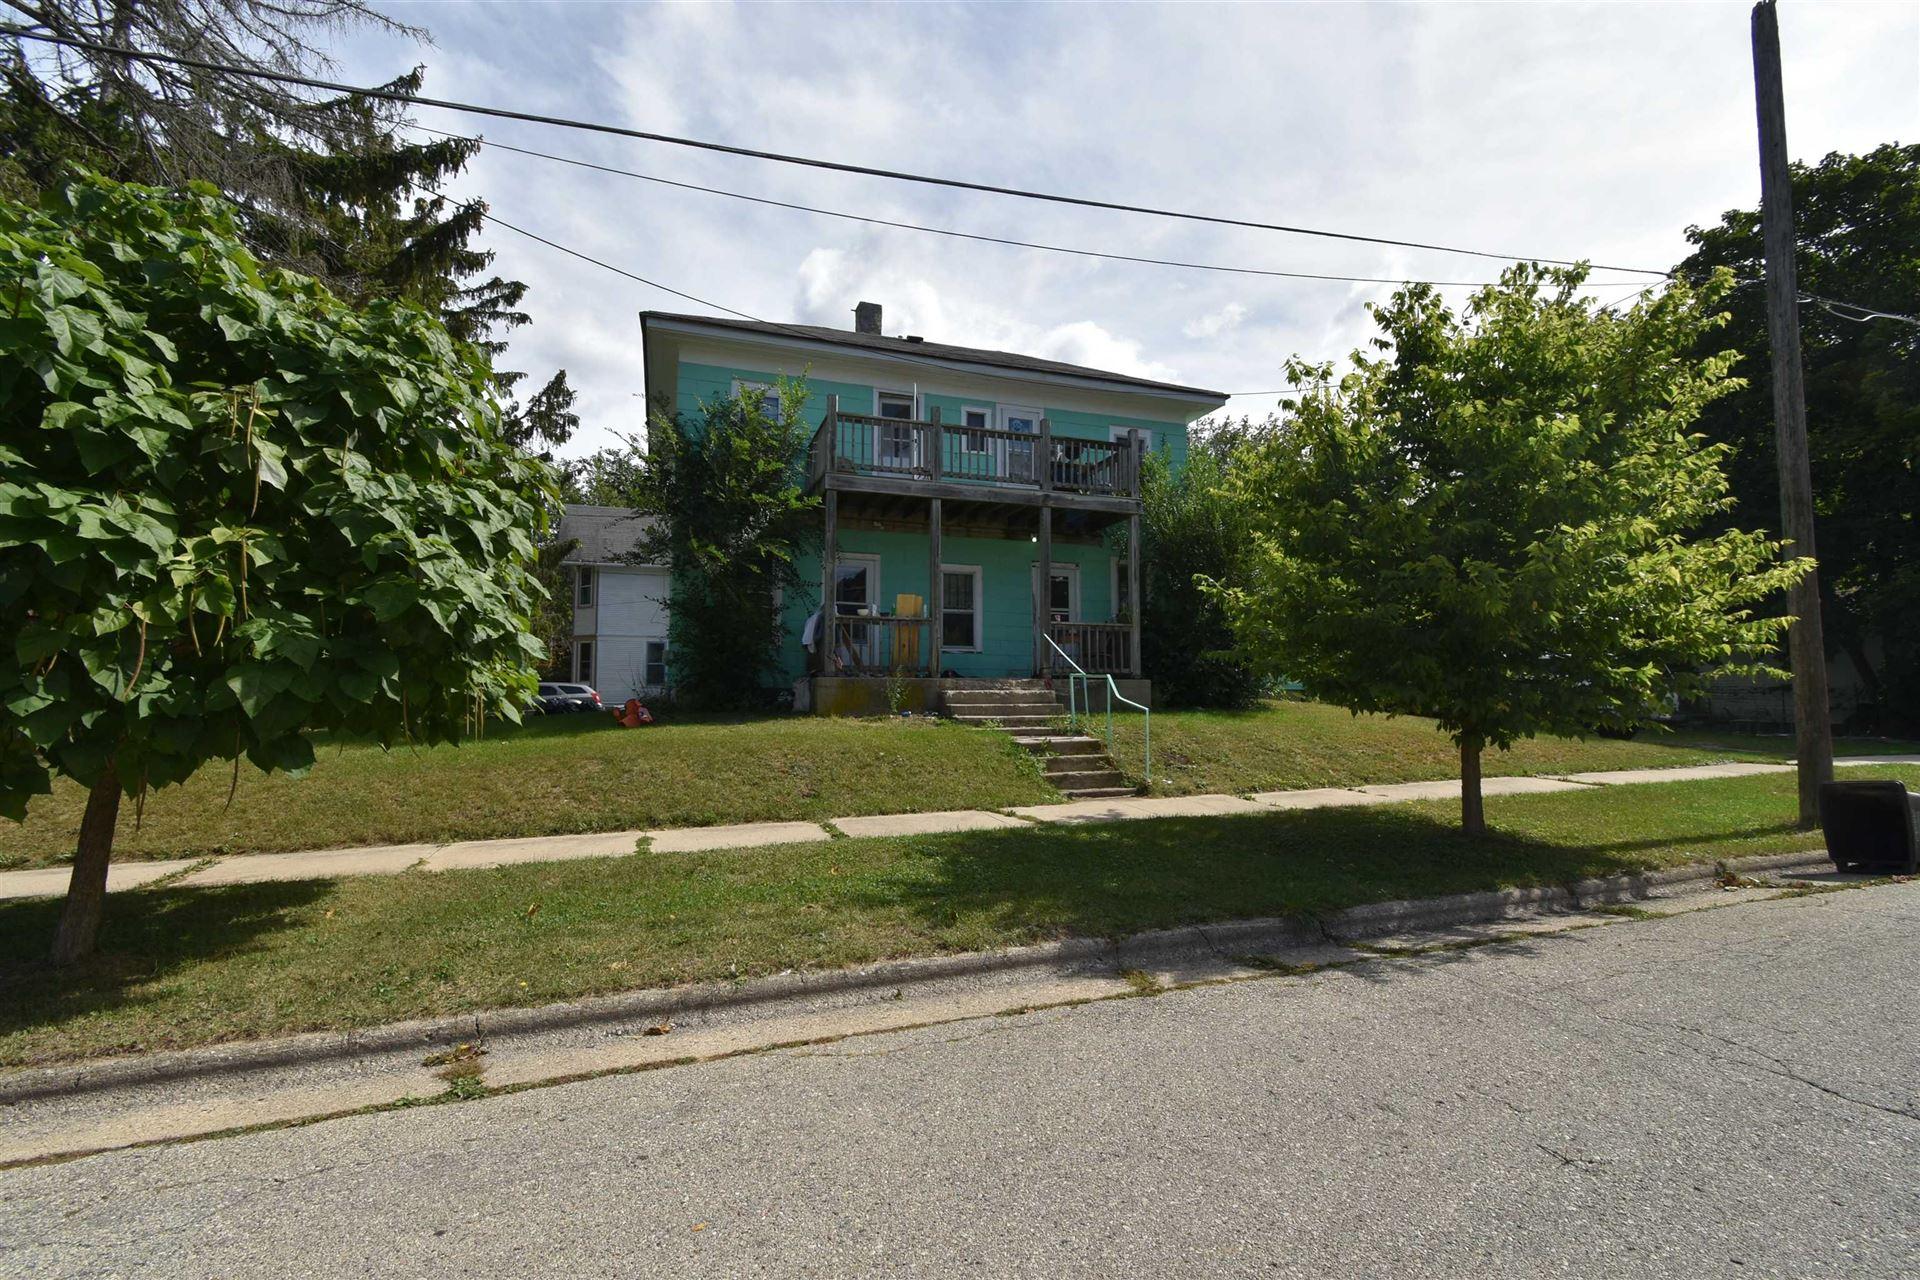 1005 Stoughton Ave, Stoughton, WI 53589 - #: 1920514